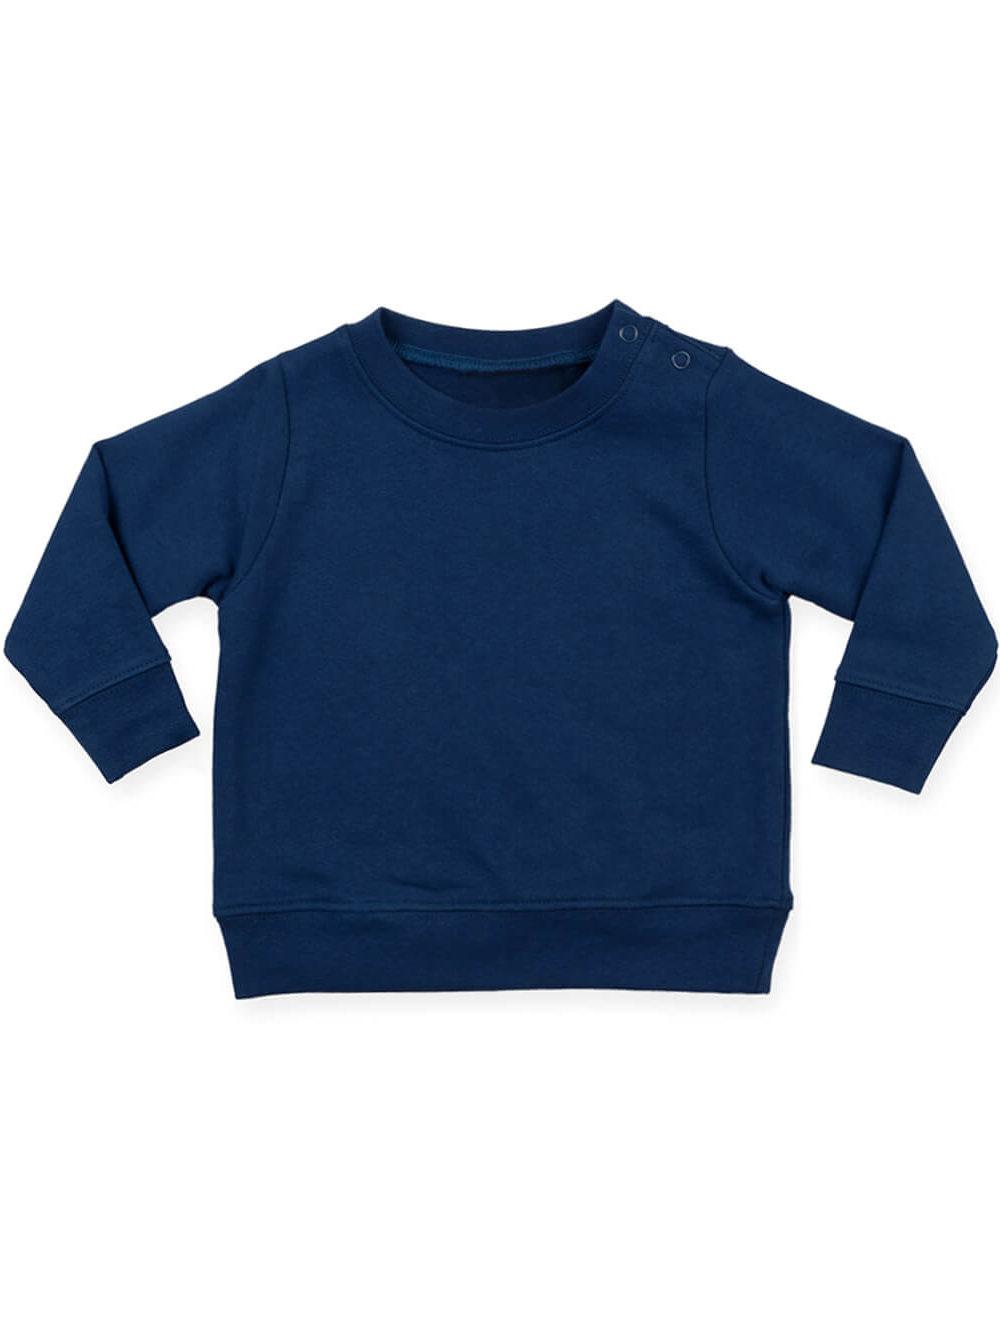 crewneck sweatshirt navy front